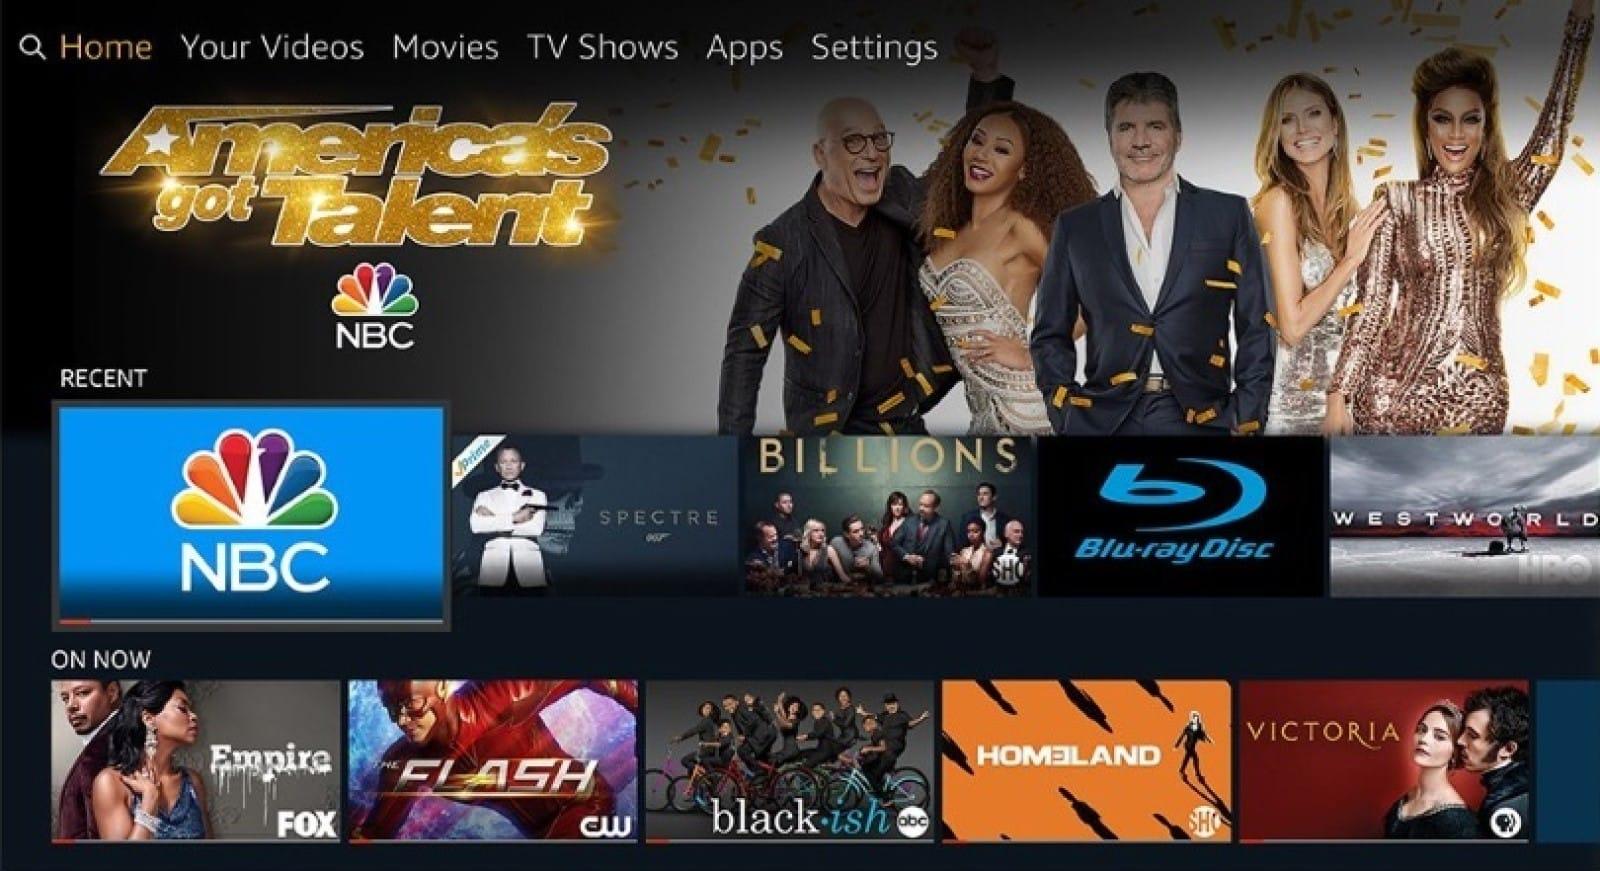 amazon fire tv dashboard